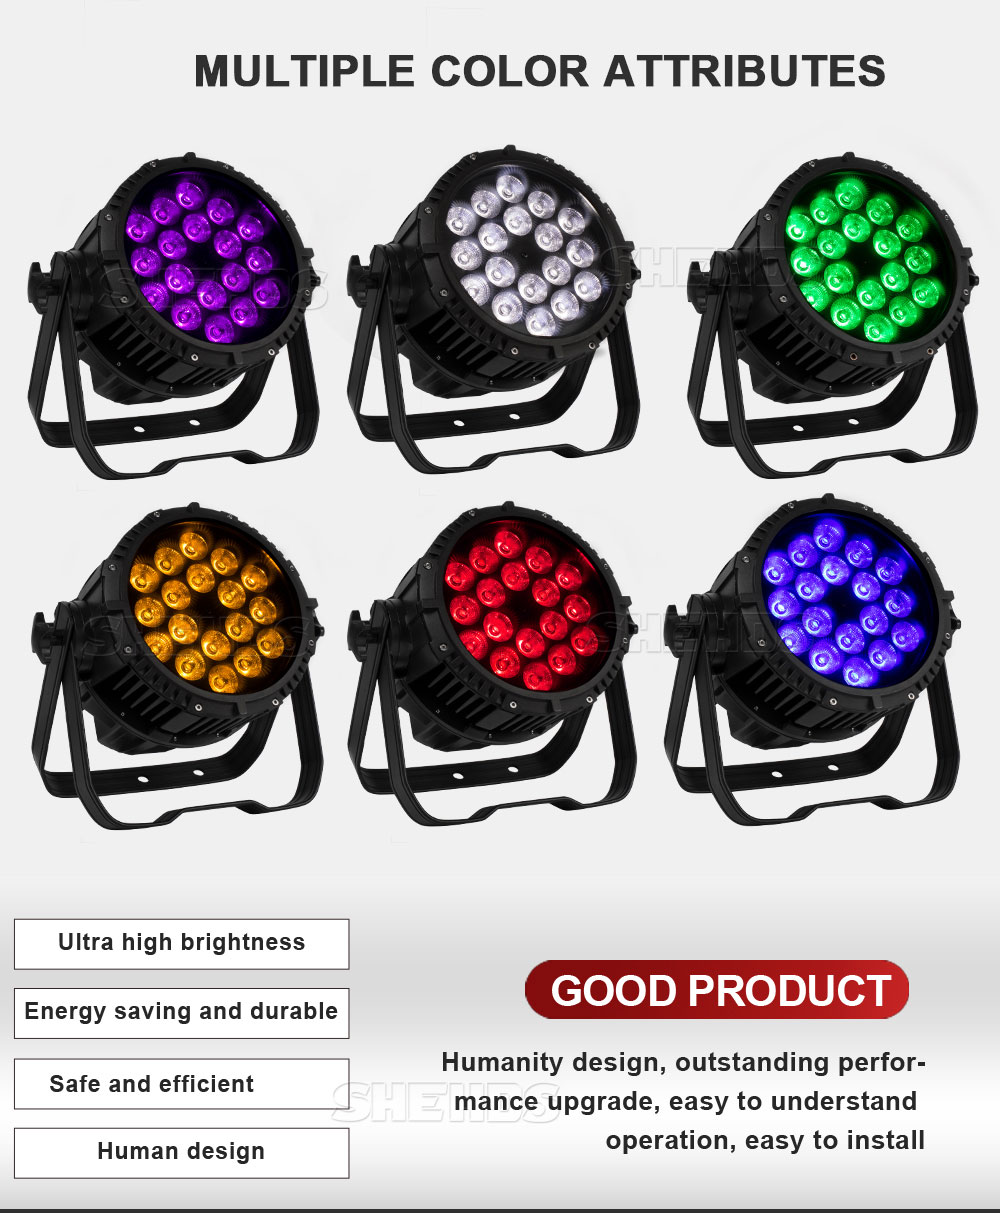 مقاوم للماء الاسمية 18x18 واط RGBWA الأشعة فوق البنفسجية 6in1 DMX512 في الهواء الطلق IP65 LED DMX مرحلة الإضاءة تأثير ل ديسكو DJ نادي الحفلات يلقي 18x12W-في تأثير إضاءة المسرح من مصابيح وإضاءات على